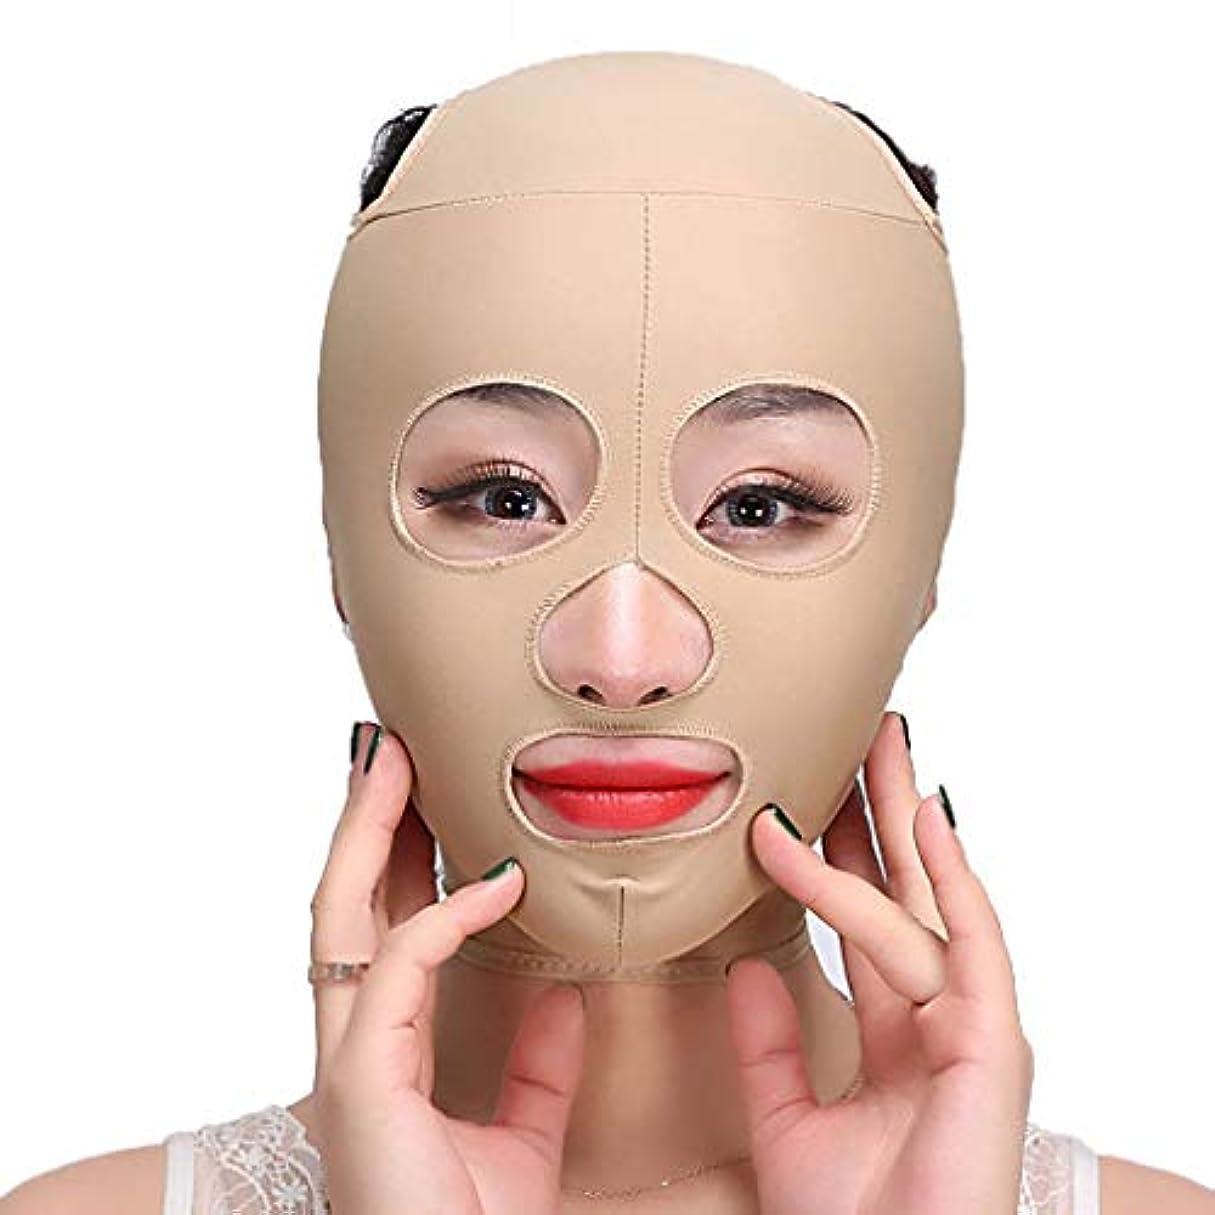 振るう自動化イーウェルXHLMRMJ 痩身ベルト、フェイスマスク薄いフェイス楽器リフティング引き締めVフェイス男性と女性フェイスリフティングステッカーダブルチンフェイスリフティングフェイスマスク包帯フェイシャルマッサージ (Size : L)